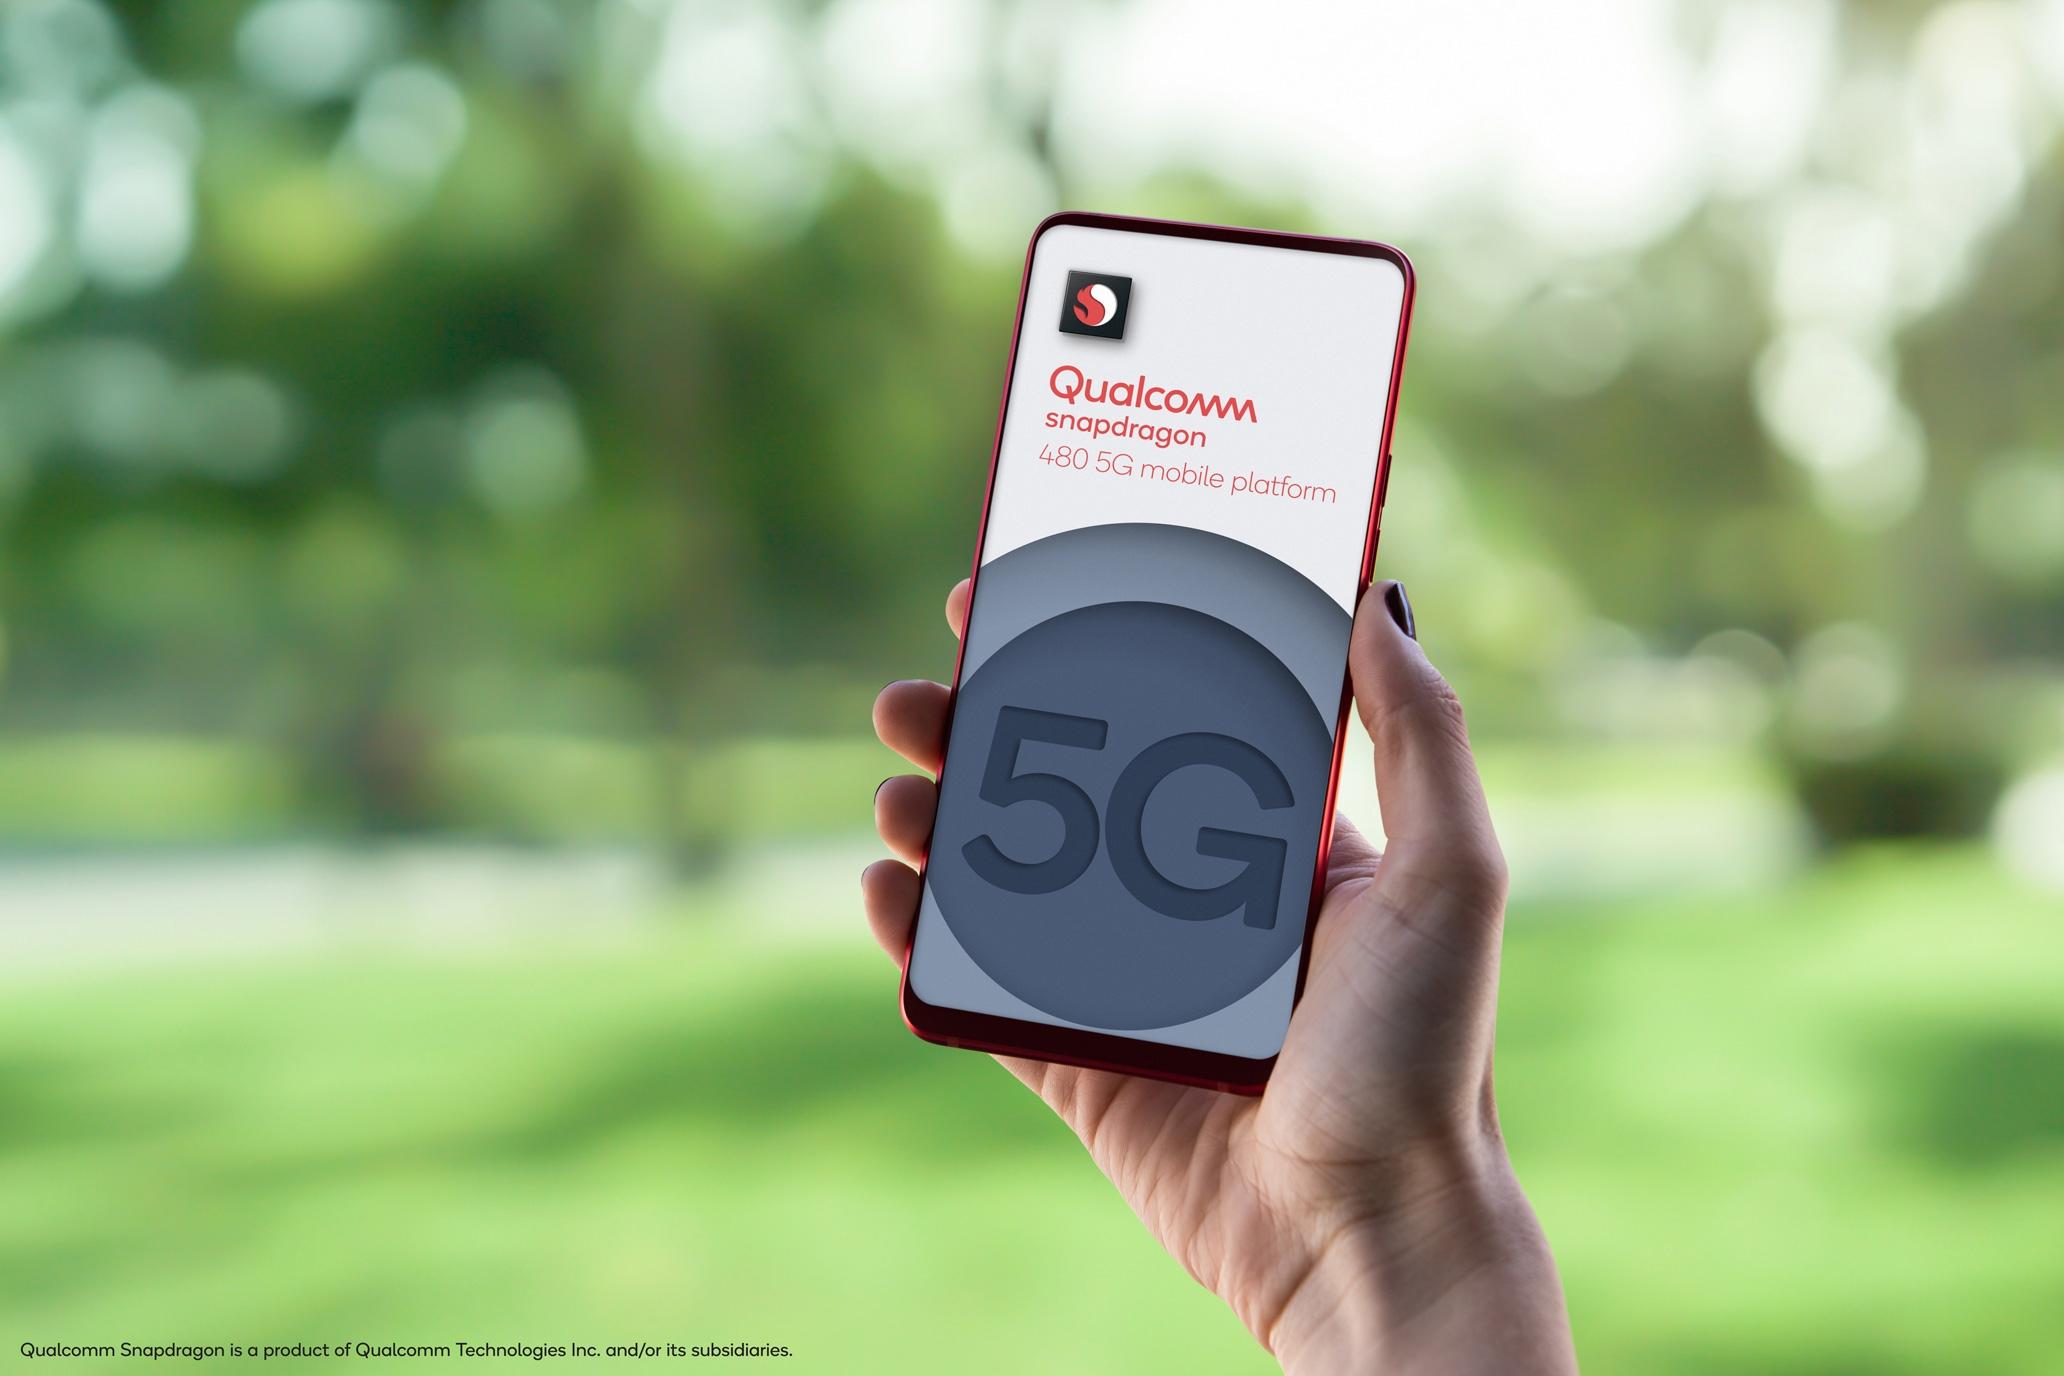 首款骁龙4系5G!高通全新SoC发布:性能提升100%